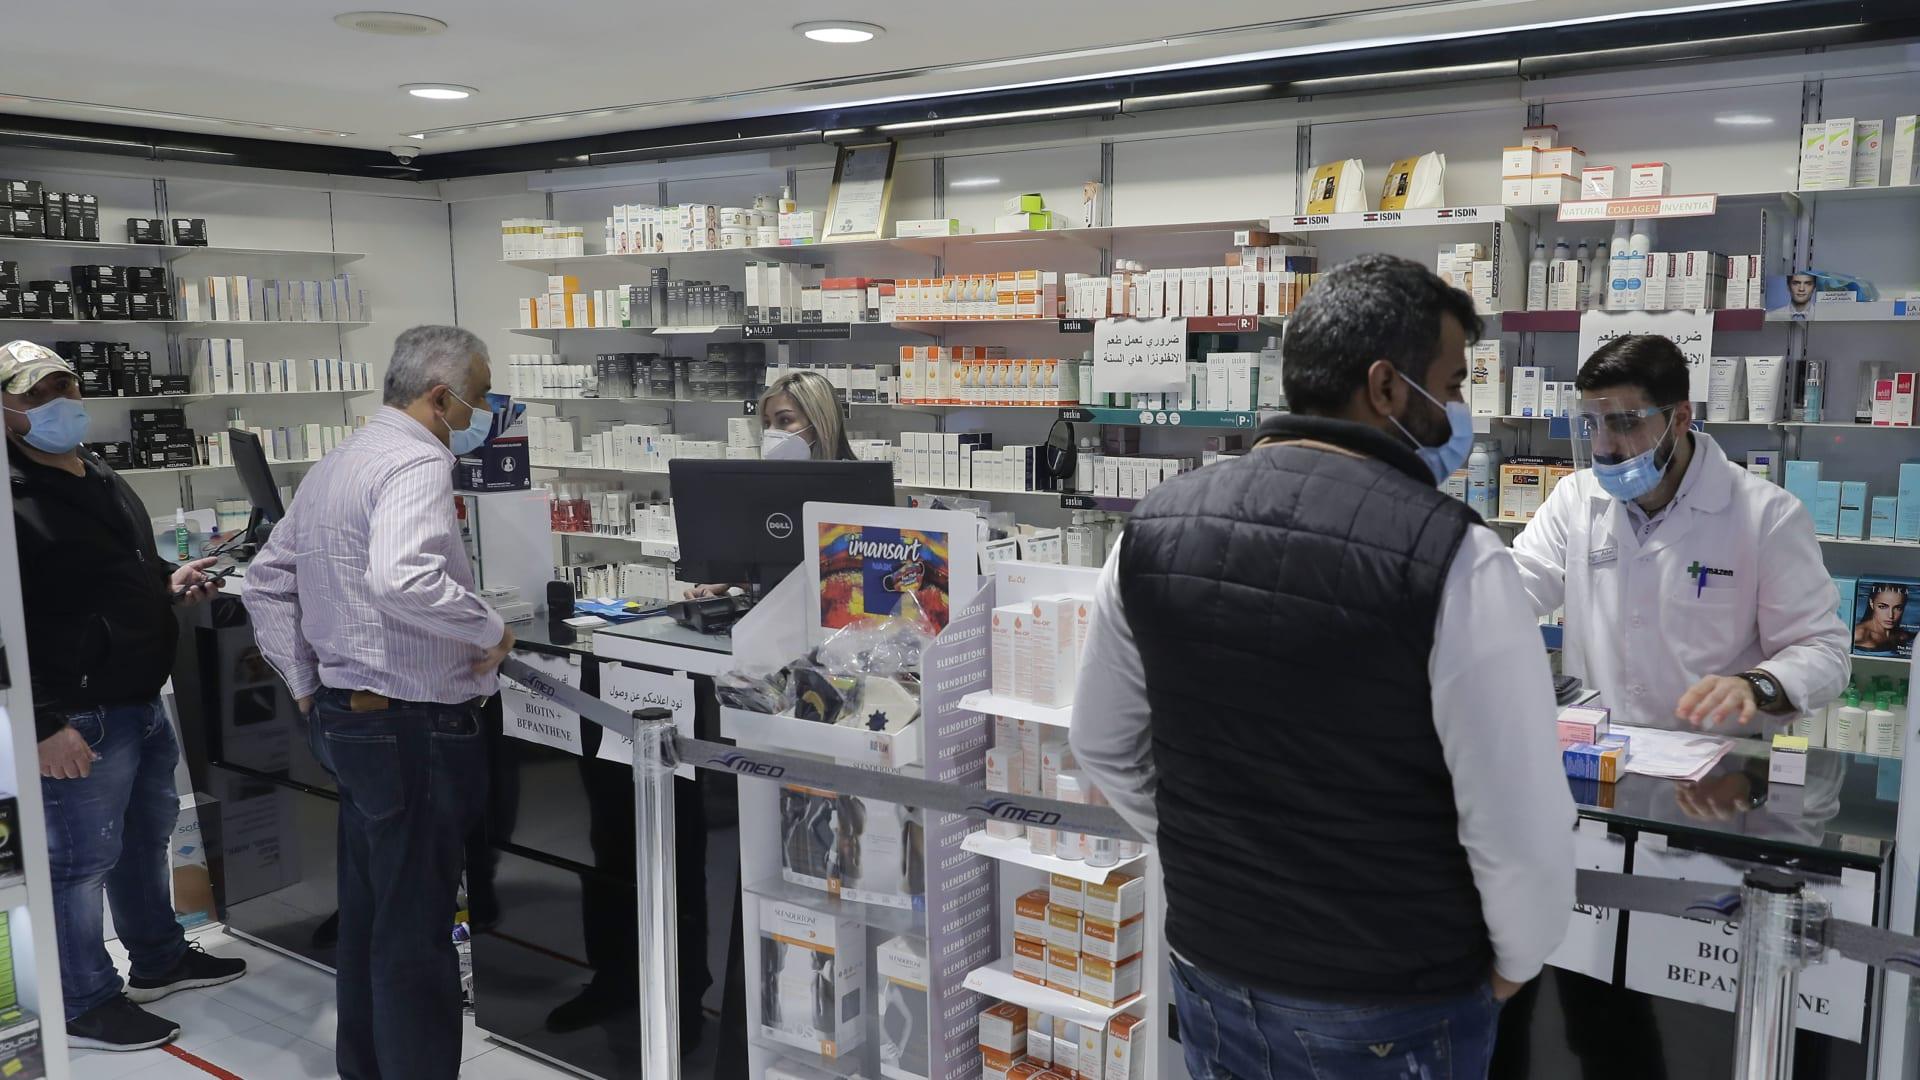 لبنانيون يشترون الأدوية من صيدلية في العاصمة اللبنانية بيروت، في 2  فبراير 2021